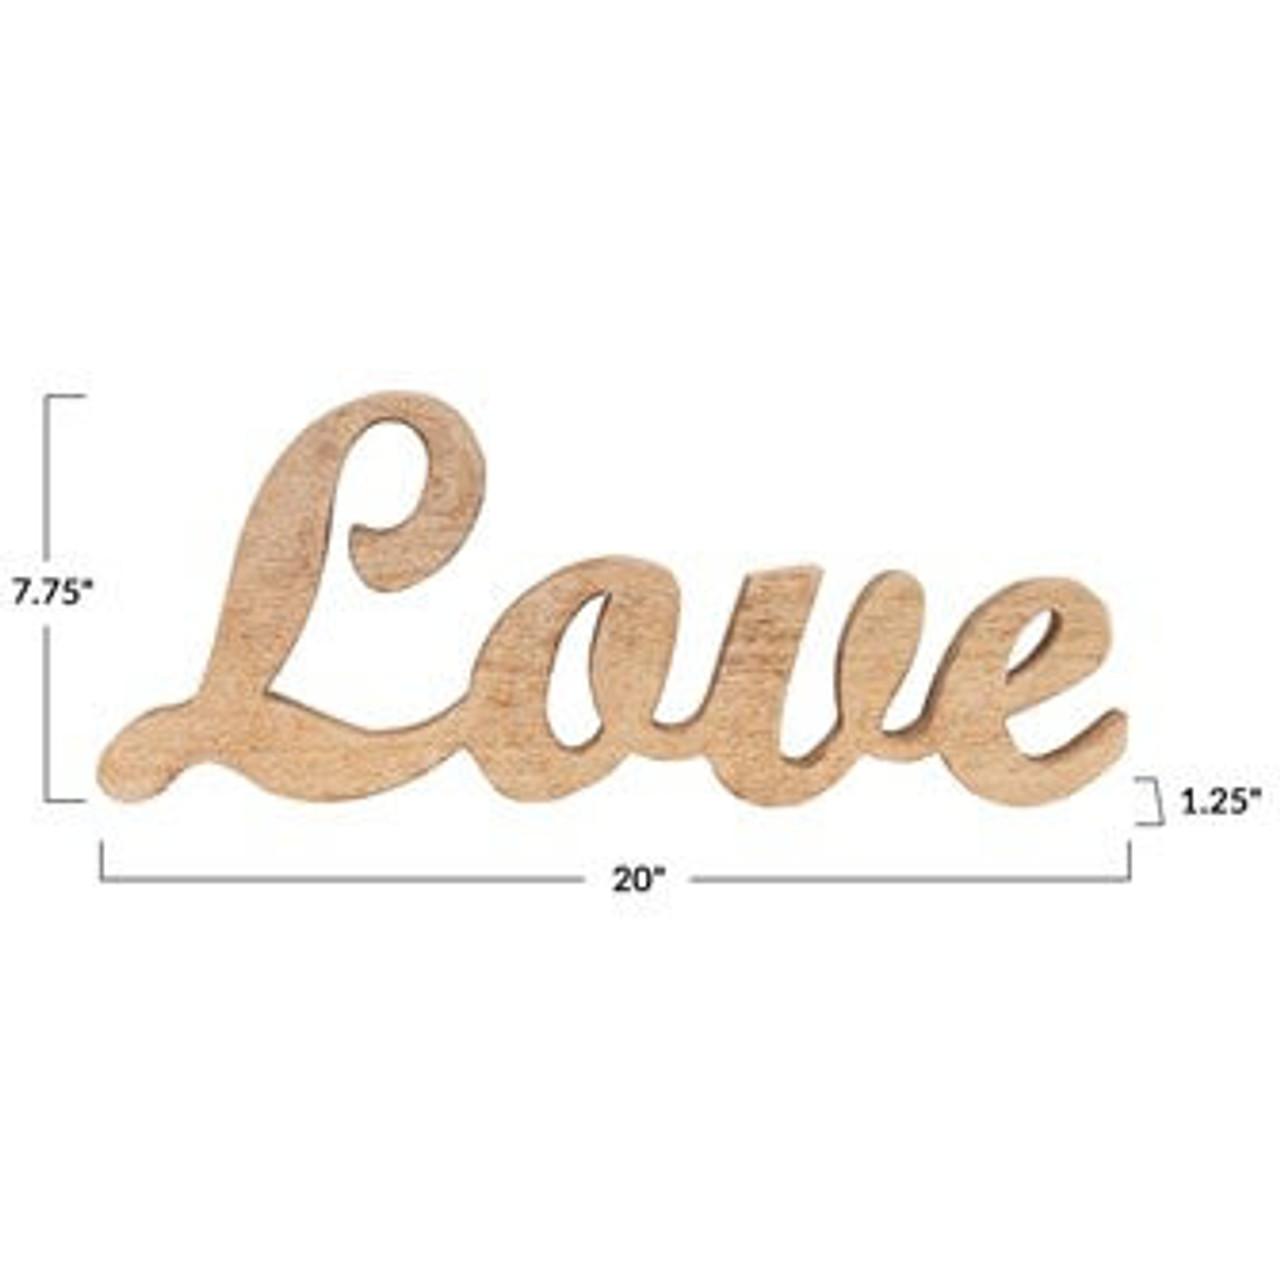 """Script """"Love"""" cut from solid Mango wood. 20"""" L x 1.25"""" W x 7.75"""" H"""